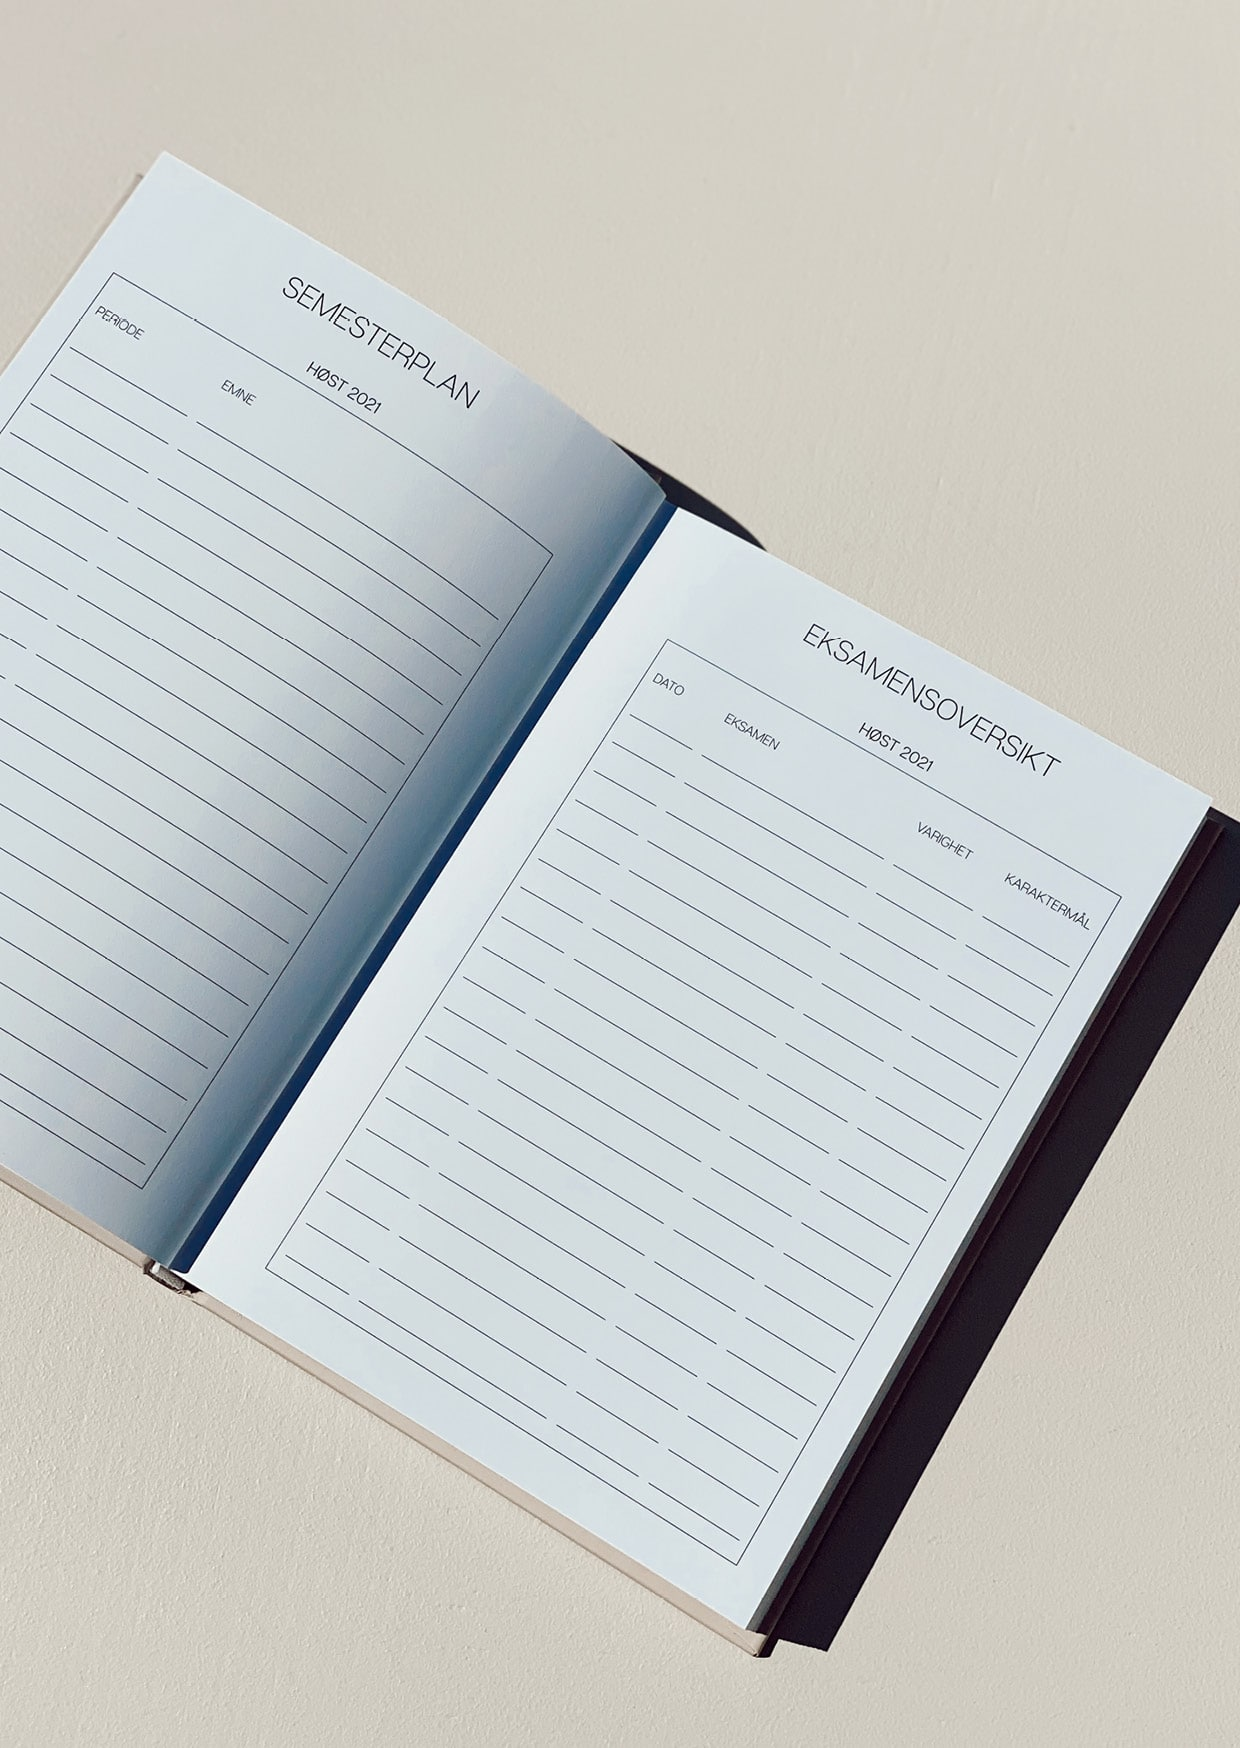 Vår 21/22 Studentplanlegger er den ultimate planlegger for studenter! Den er designet for å gi deg full oversikt over blant annet semesterplan, eksamensoversikt, timeplan, månedsbudsjett, hverdagens to-do´s og mål du har satt deg for hver måned: studier/jobb | reise og livsstil | økonomi | trening og selvpleie. Perfekt størrelse slik at du enkelt kan ta den med deg i vesken! 21/22 Studentplanlegger detaljer. Norsk A5 format Farge: Espresso (fås også i Sand og Lavendel) Hard cover Nydelig gullfolie på forside, bakside og rygg 120 g papir 235 sider Lesebånd for markering av side Innhold. August 2021 - Juli 2022 Semesterplan for 2021 + 2022 Eksamensoversikt for 2021 + 2022 Timeplan + blanke notatsider hver måned Ukentlig planlegging + ukens middager, trening, gjøremål og notater Månedsoversikt m/ukenummer Mål for måneden Budsjett for måneden Ferieoversikt Merkedager